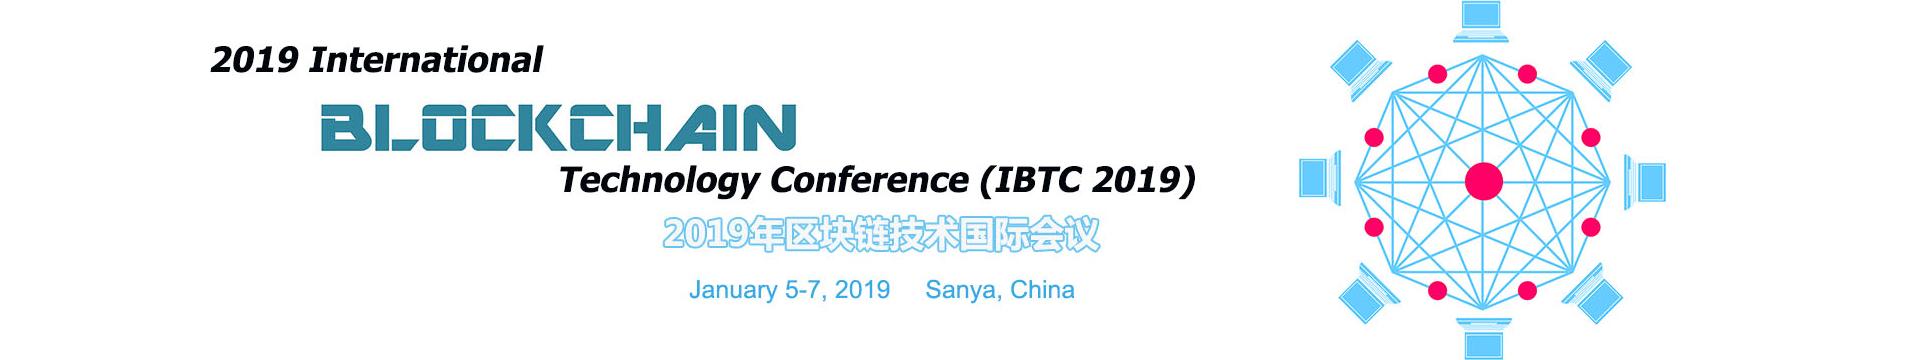 国际区块链技术大会2019年三亚(IBTC 2019)